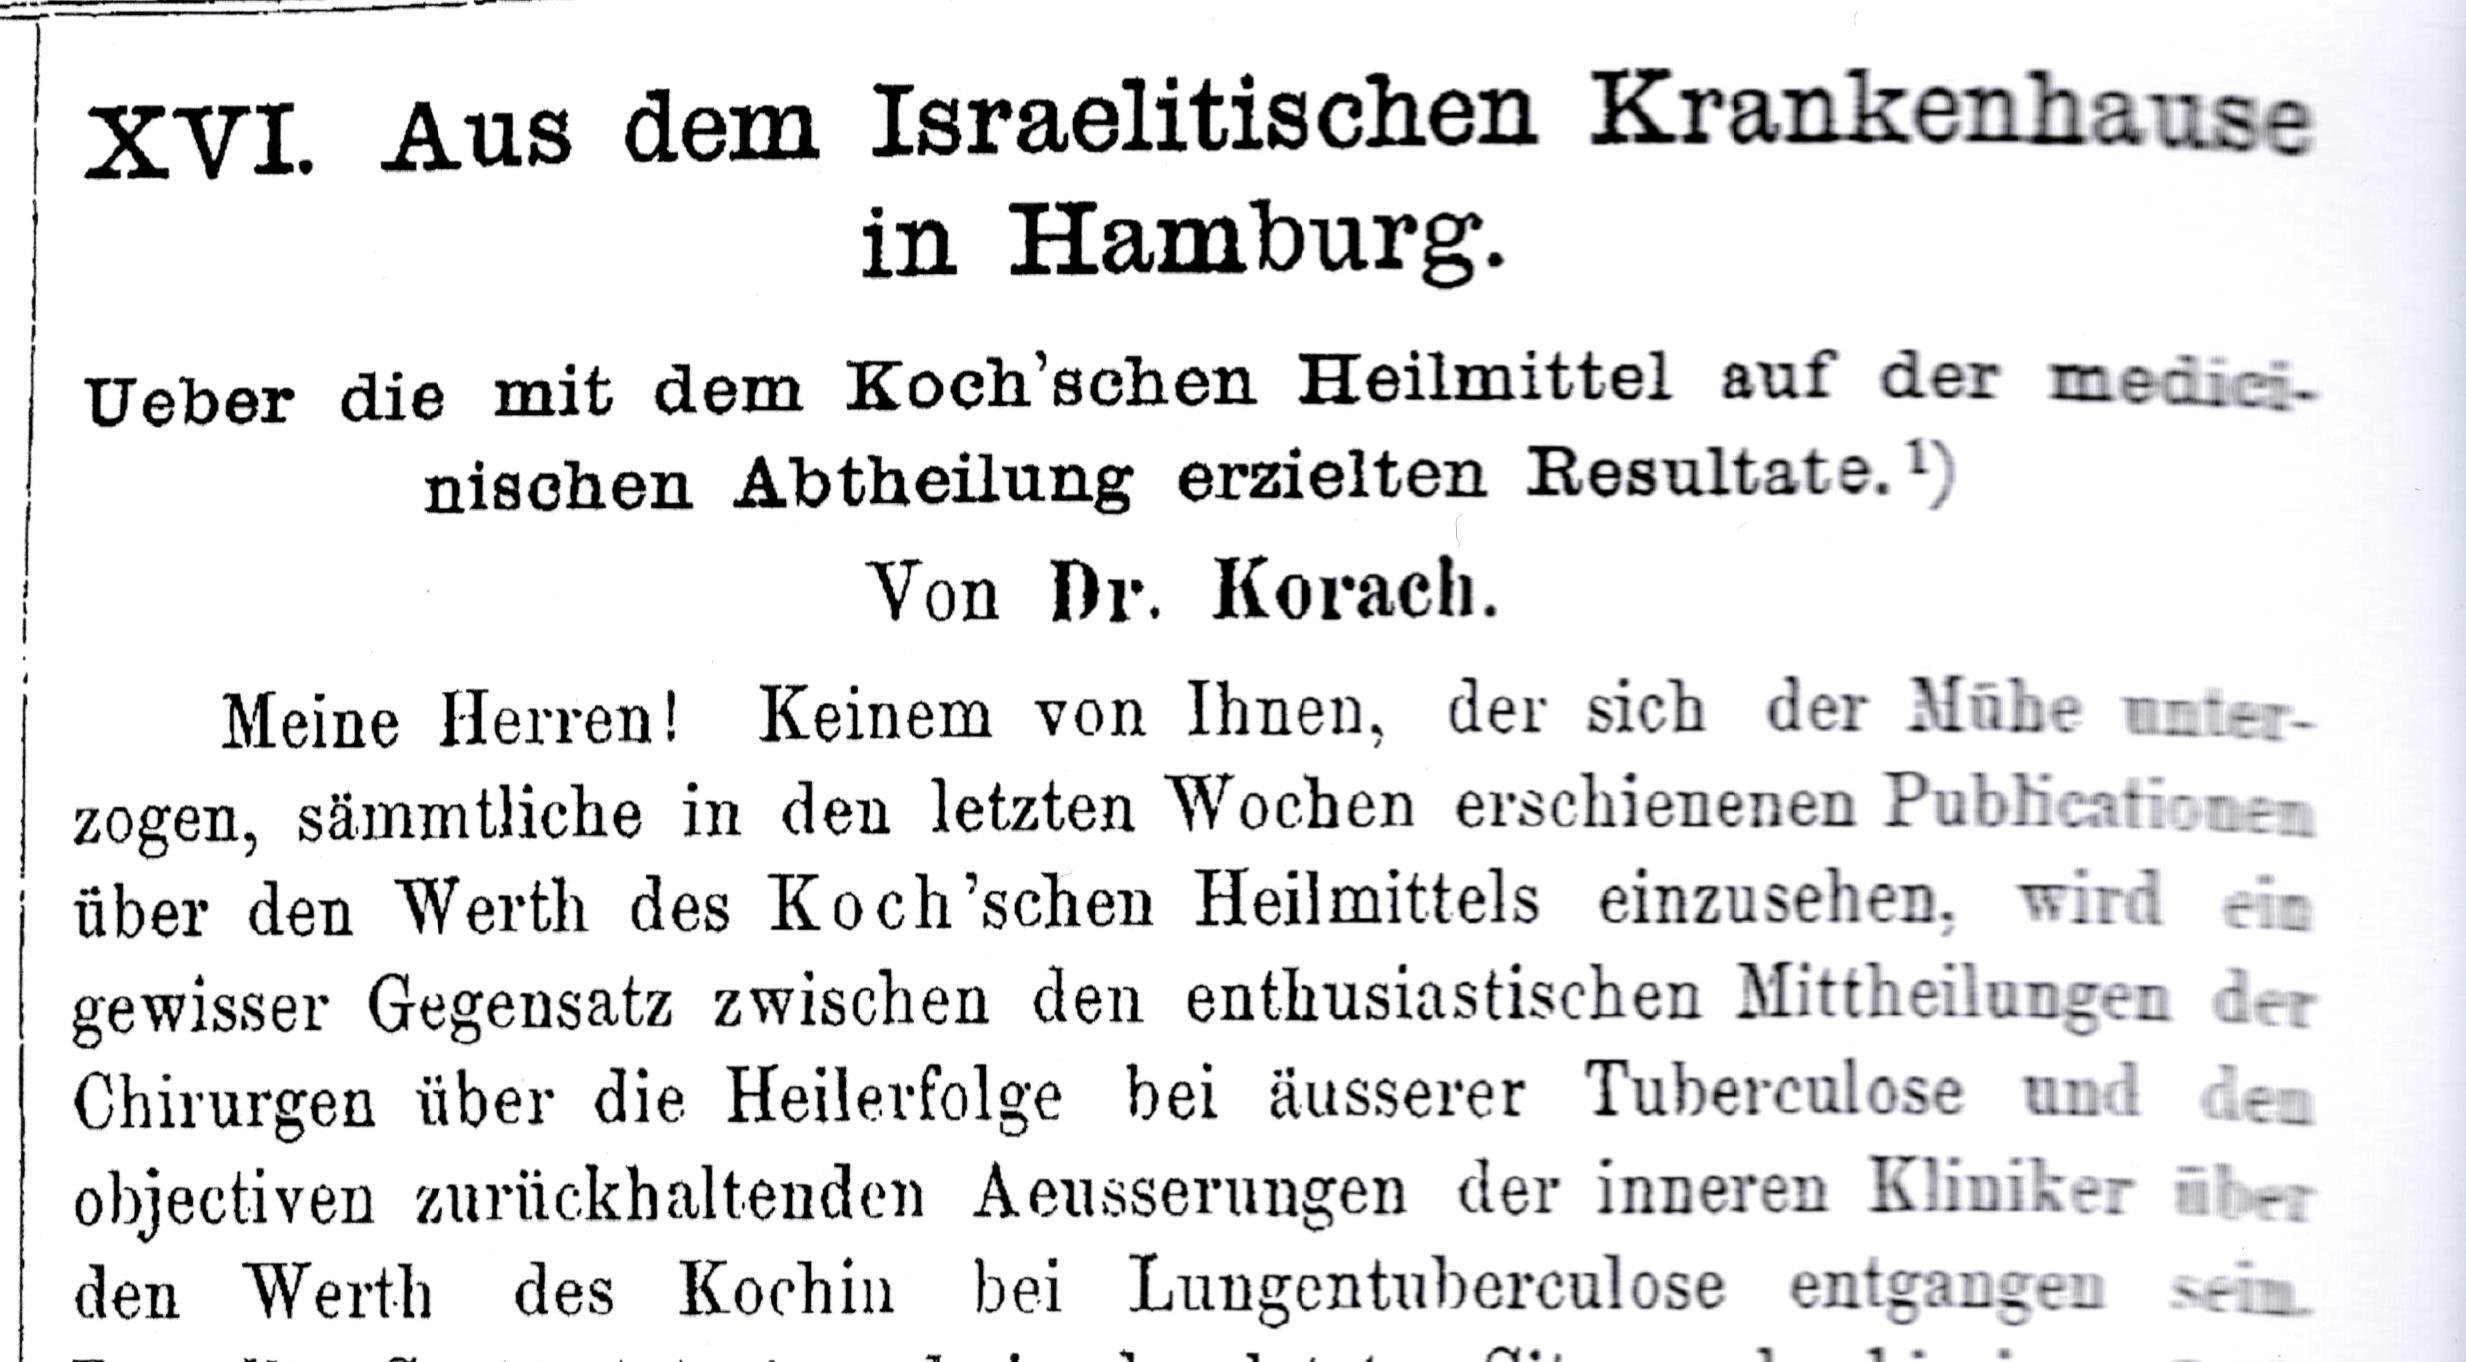 Deutsche Medizinische Wochenschrift 1891